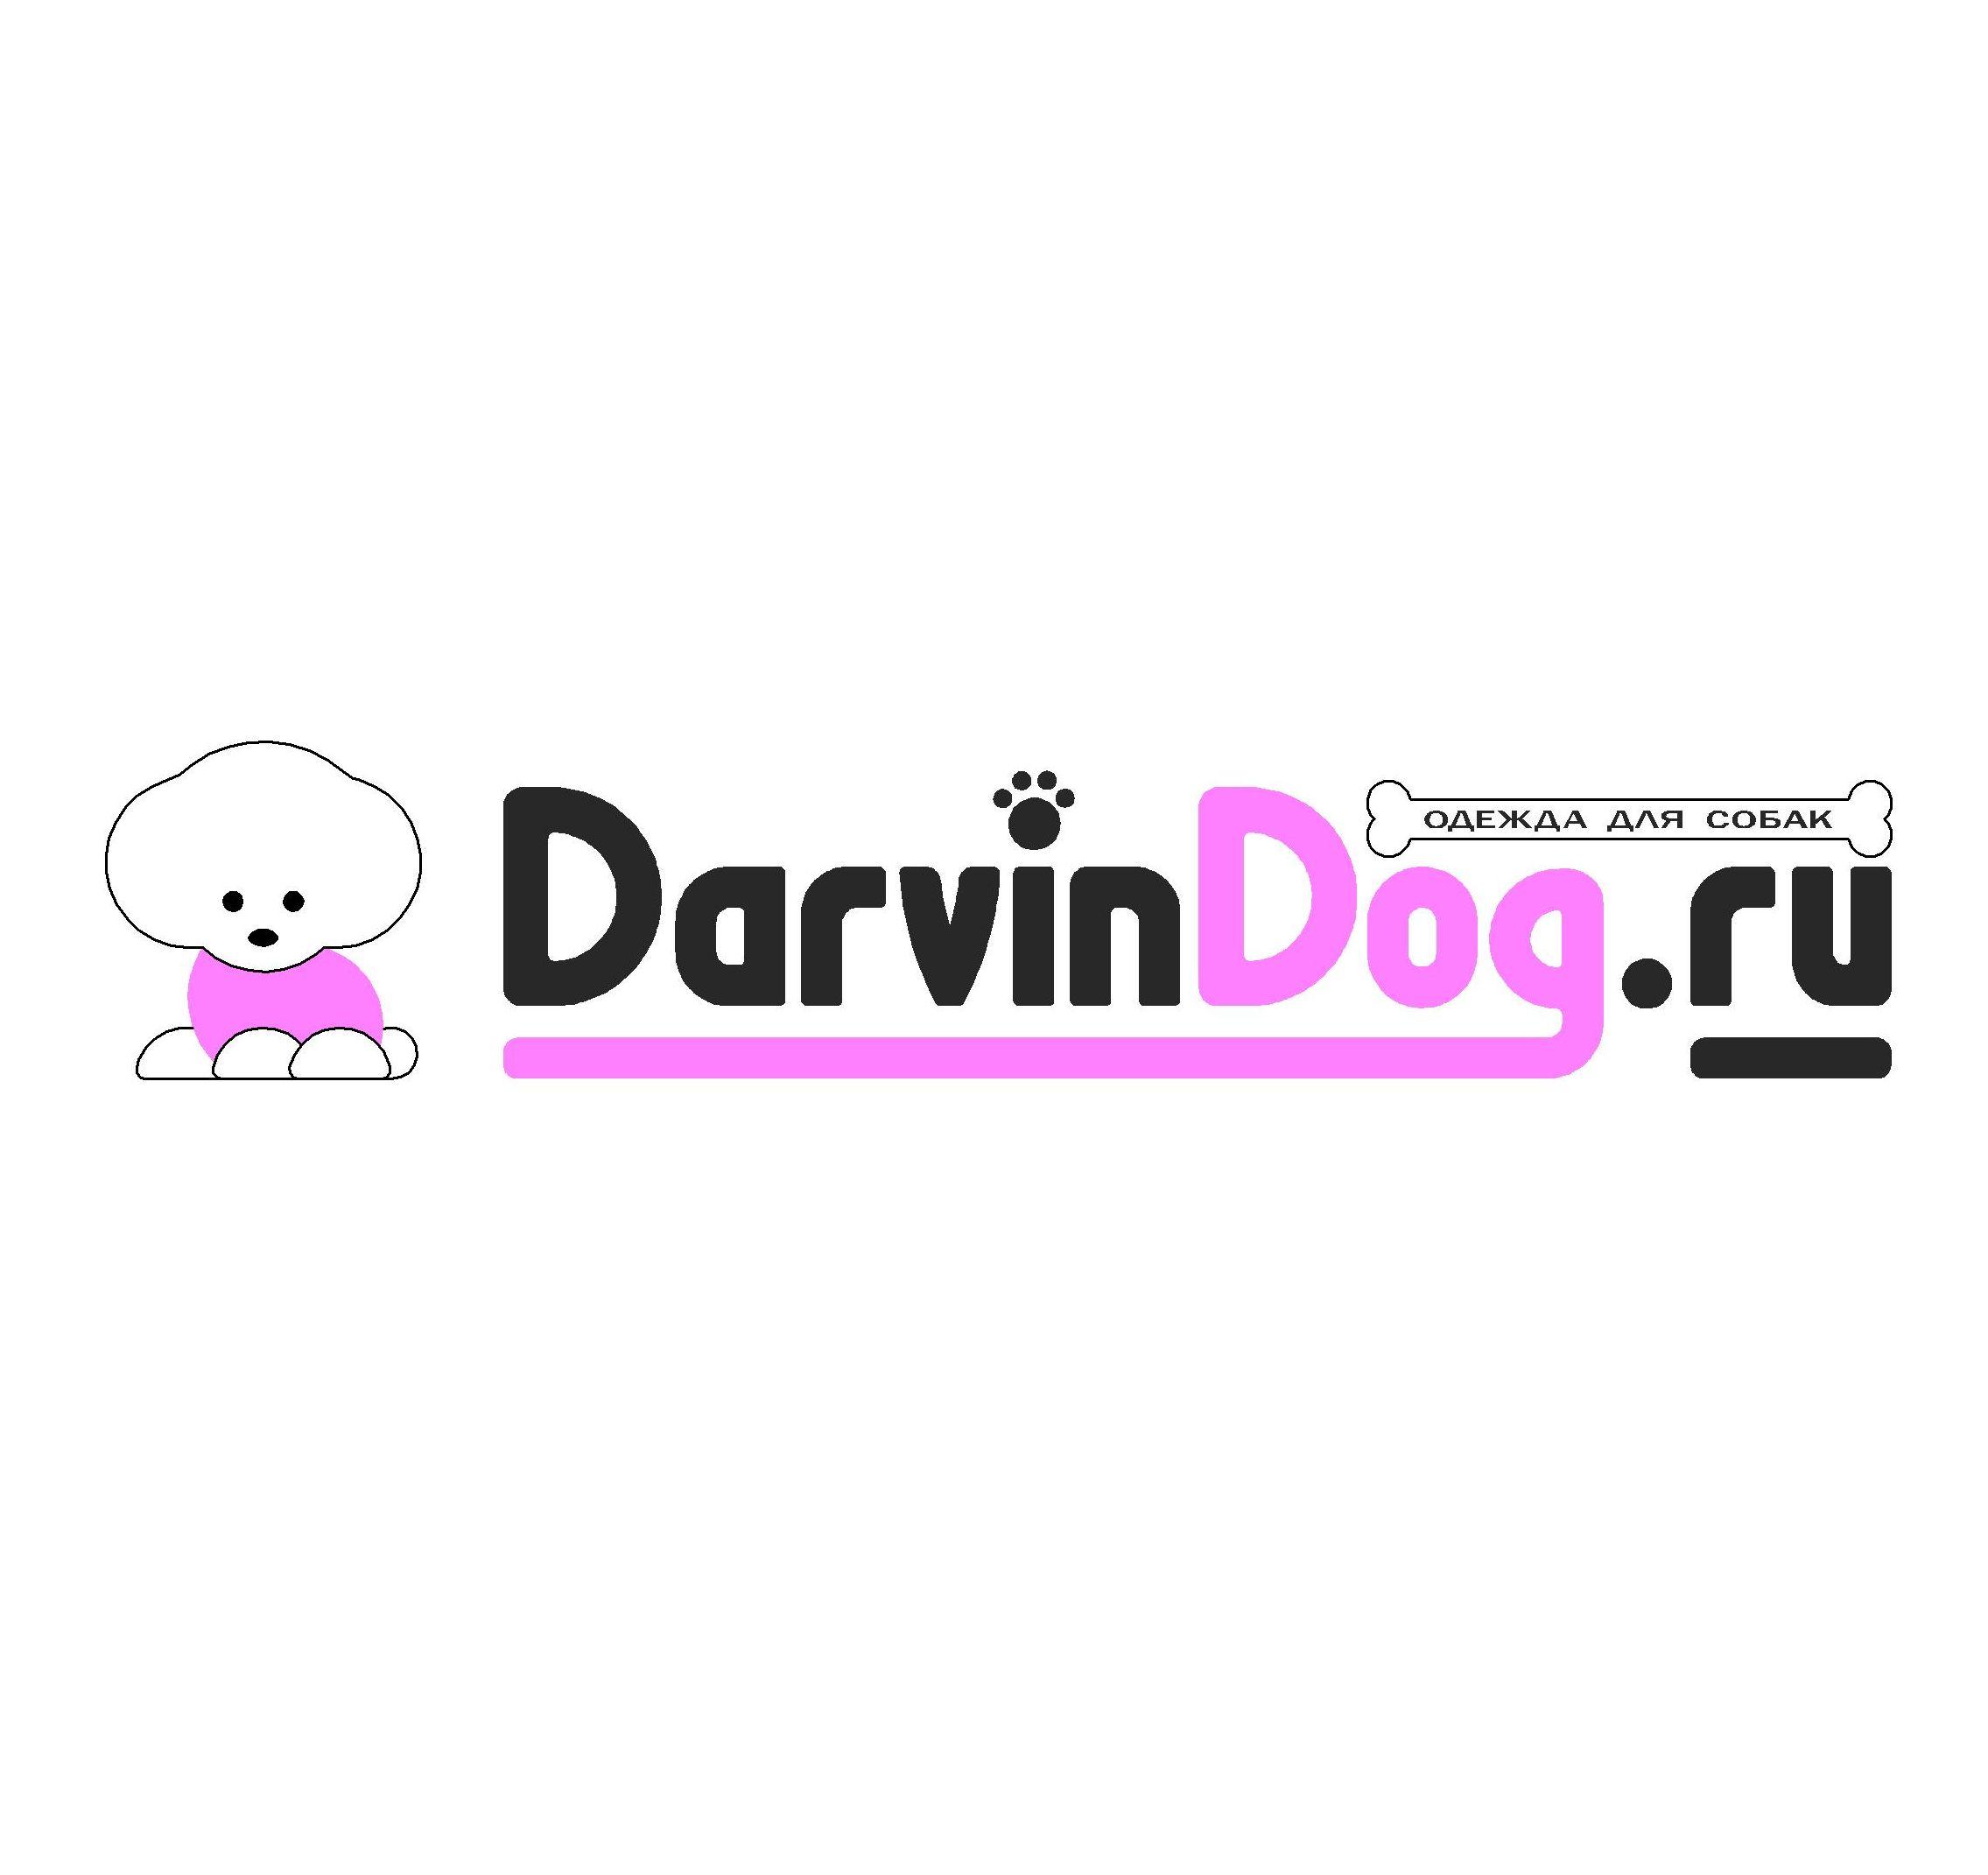 Создать логотип для интернет магазина одежды для собак фото f_884564c1fc34004d.jpg